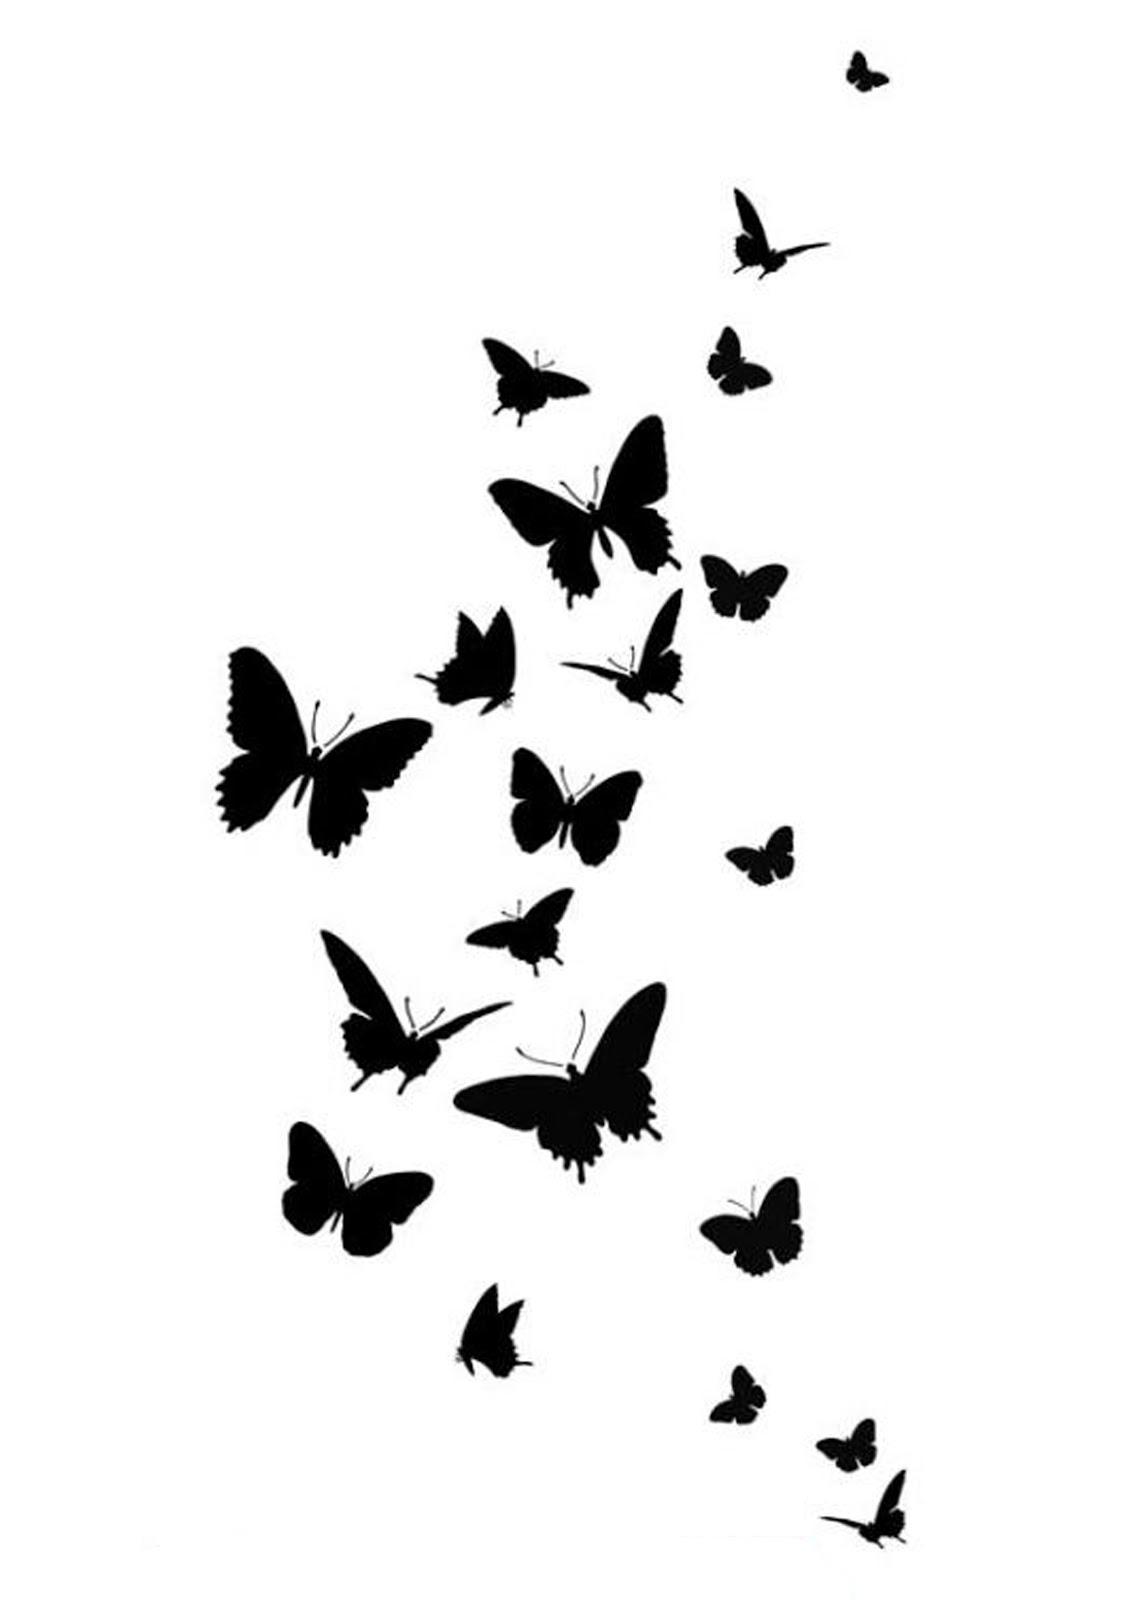 Sj aerografias plantillas mariposas - Plantillas de mariposas ...